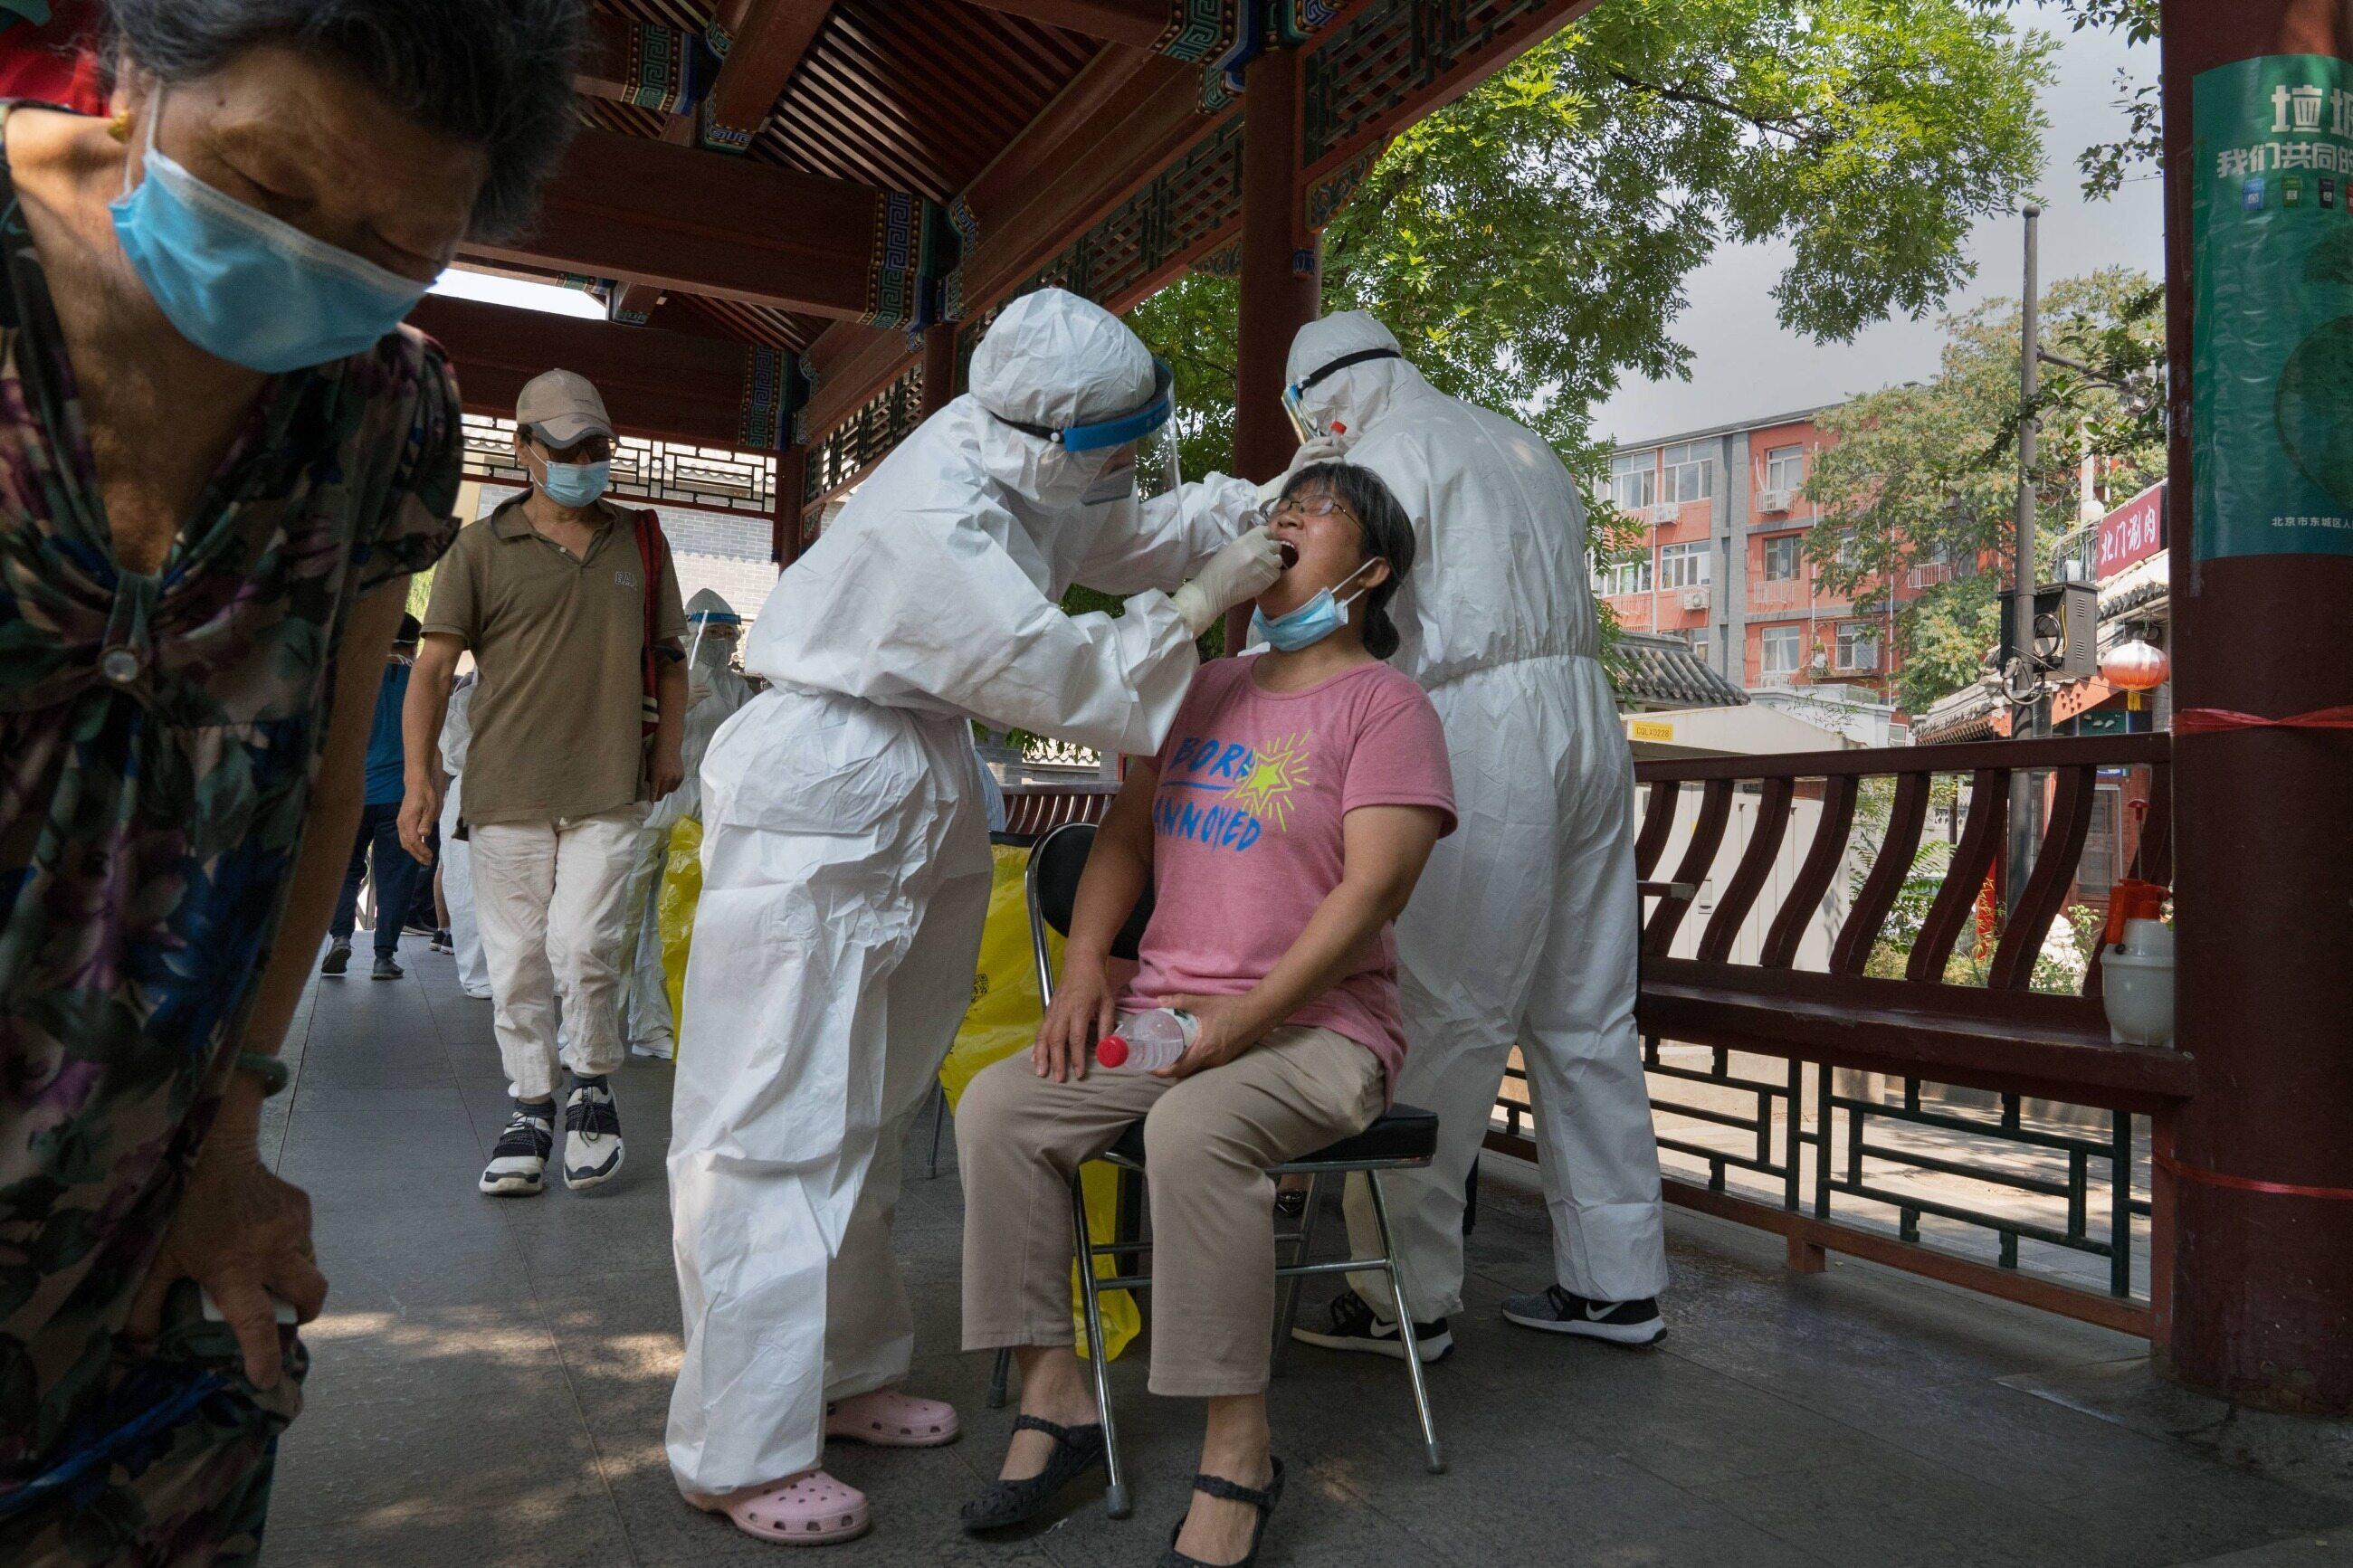 Koronawirus w Chinach. Pobieranie wymazu w Pekinie